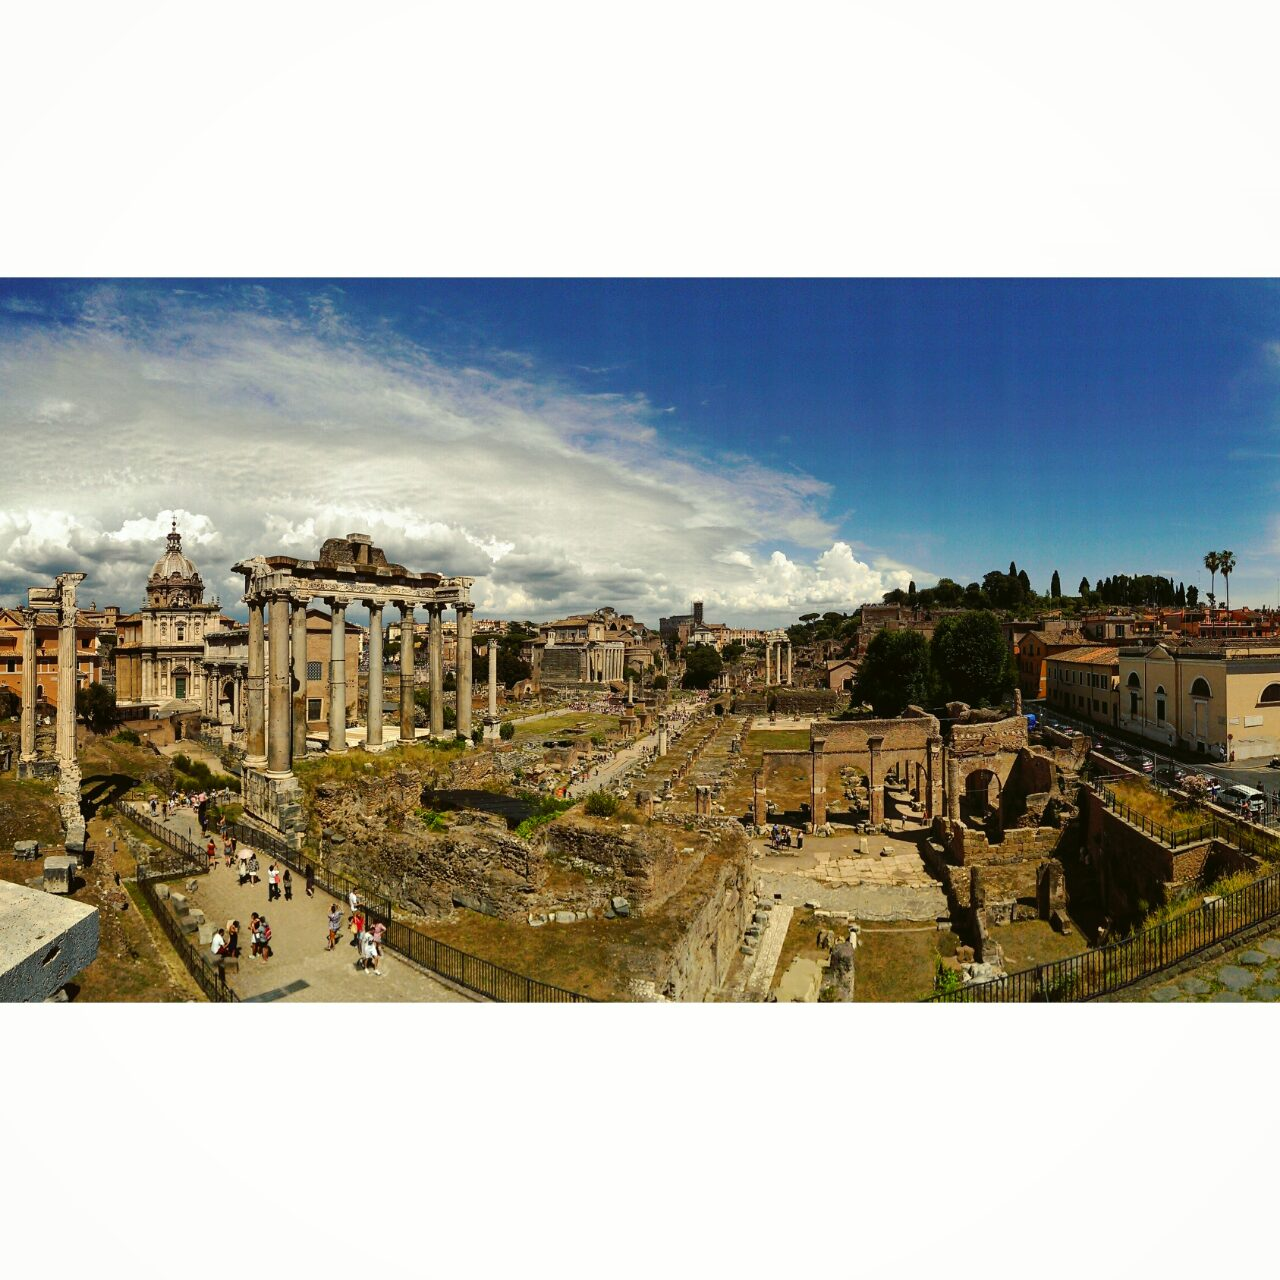 Римский форум 360 - Экскурсия по Риму